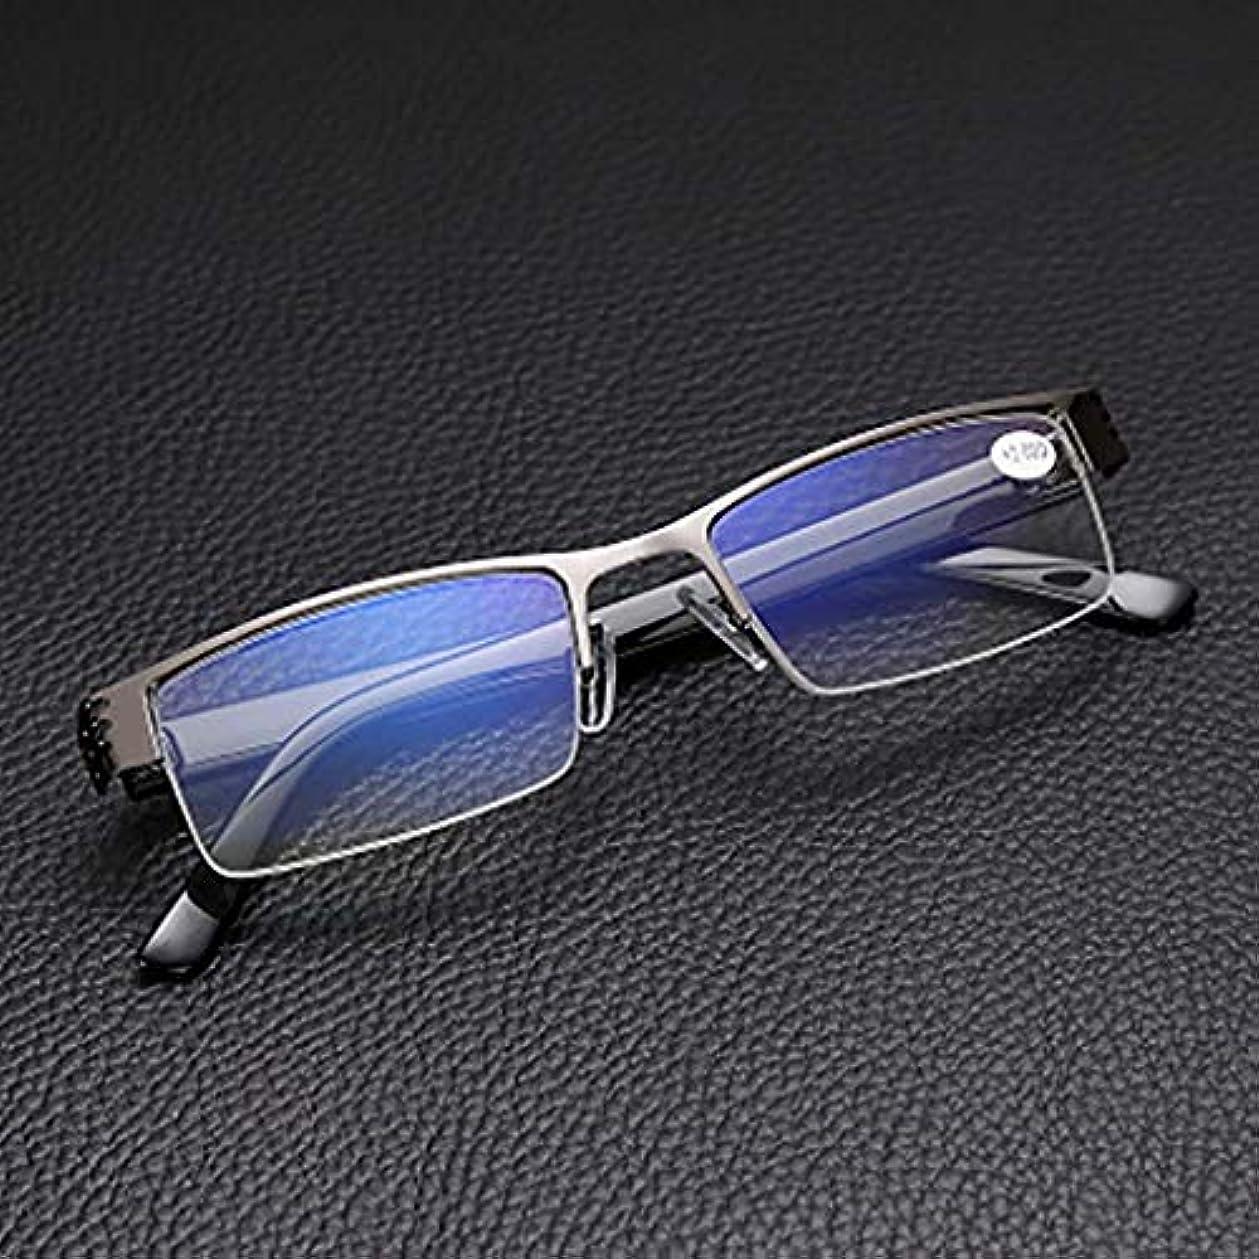 半分フレームの老眼鏡,反青の光 アンチ uv ビジネス リーダー 金属製のフレーム 樹脂レンズ-A +2.5